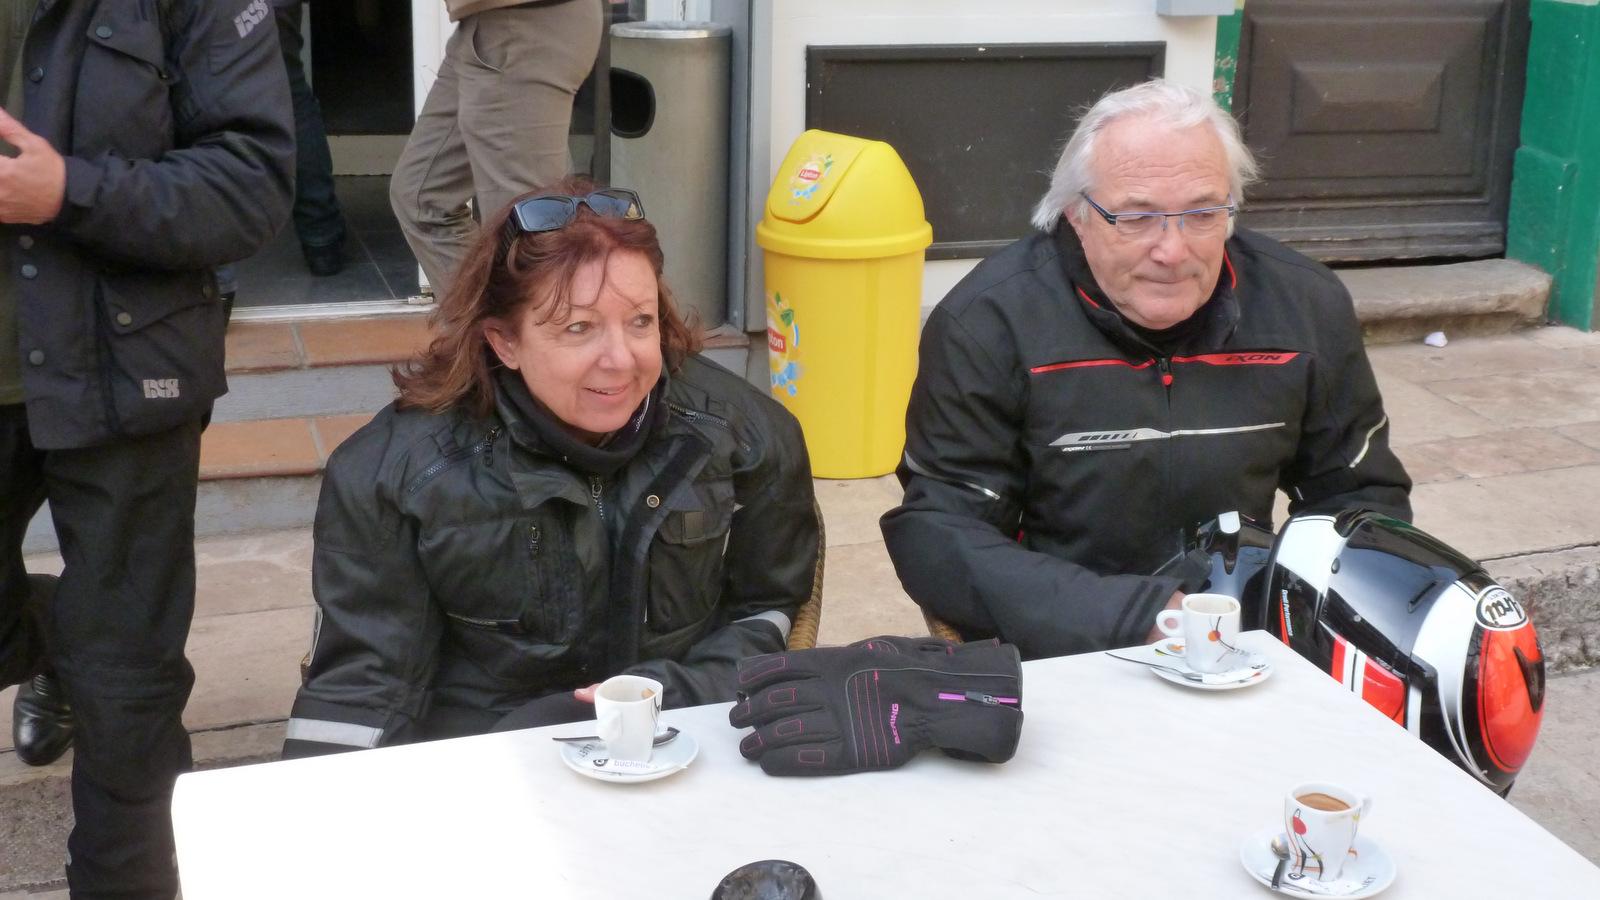 Patricia et Jean-Pierre ... invités pour cette sortie